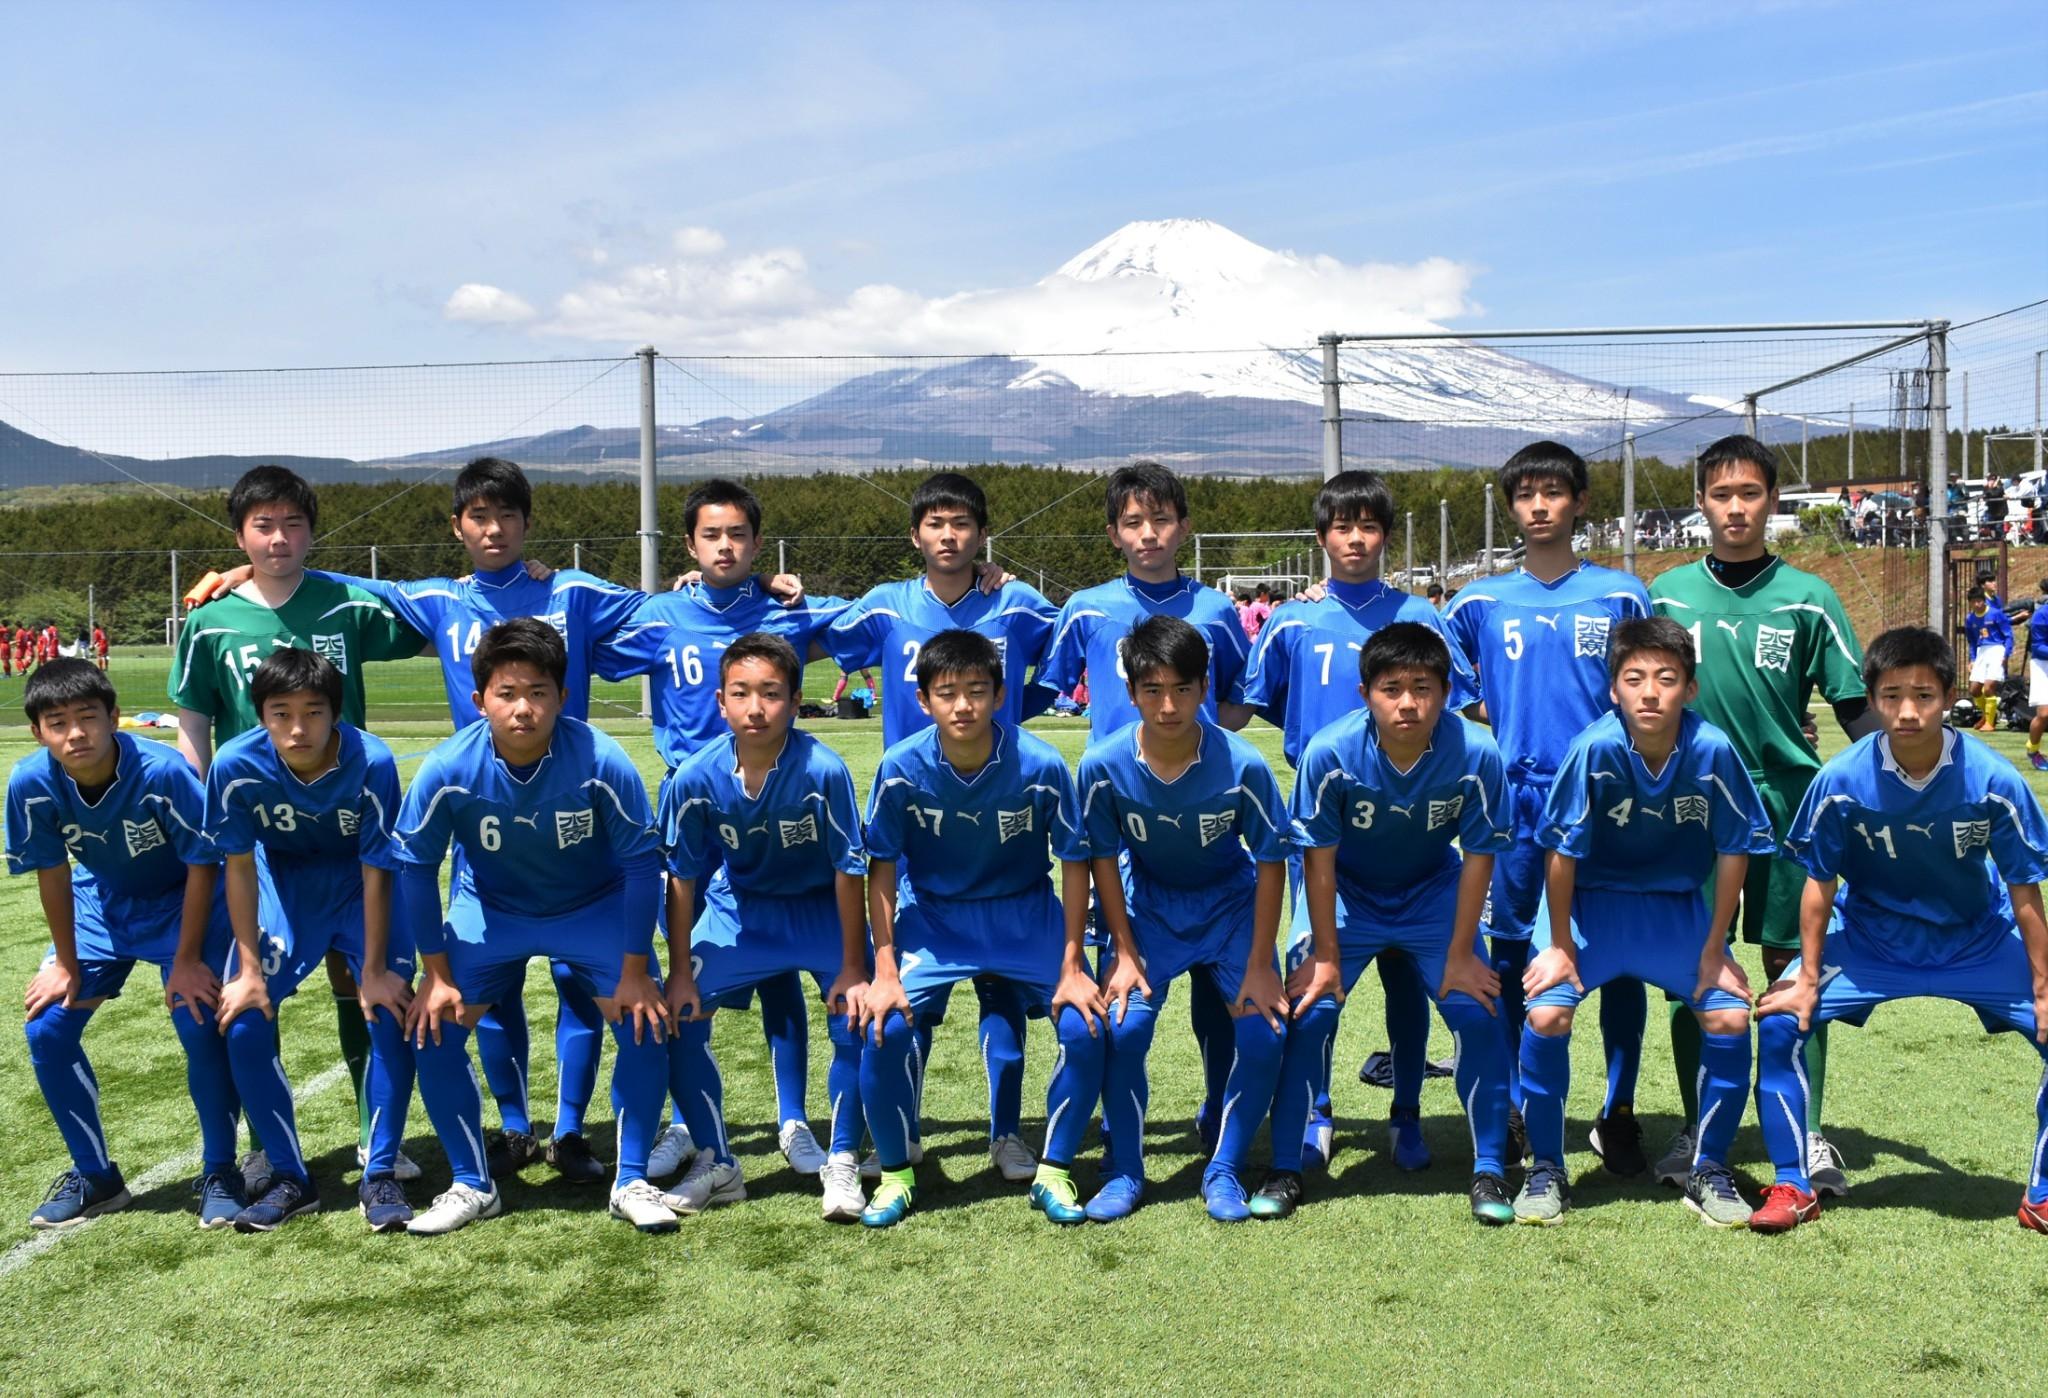 茨城 県 高校 サッカー 選手権 2019